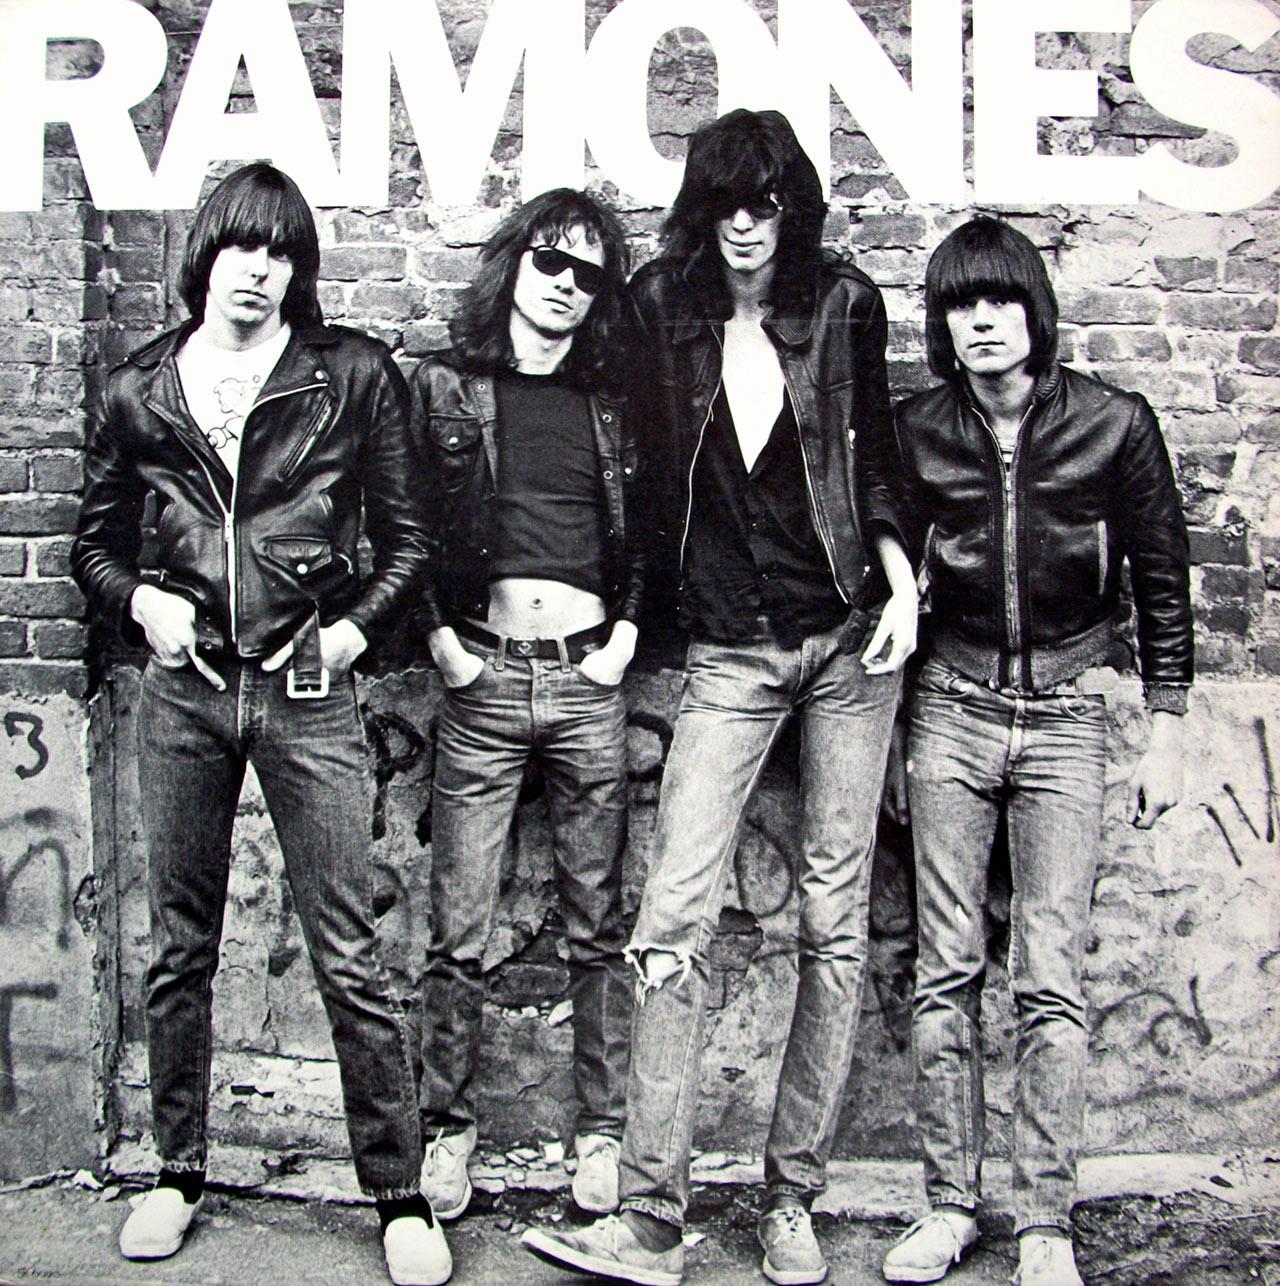 la celebre copertina dei ramones con i pacchi attillati, altro dogma dell'estetica punk